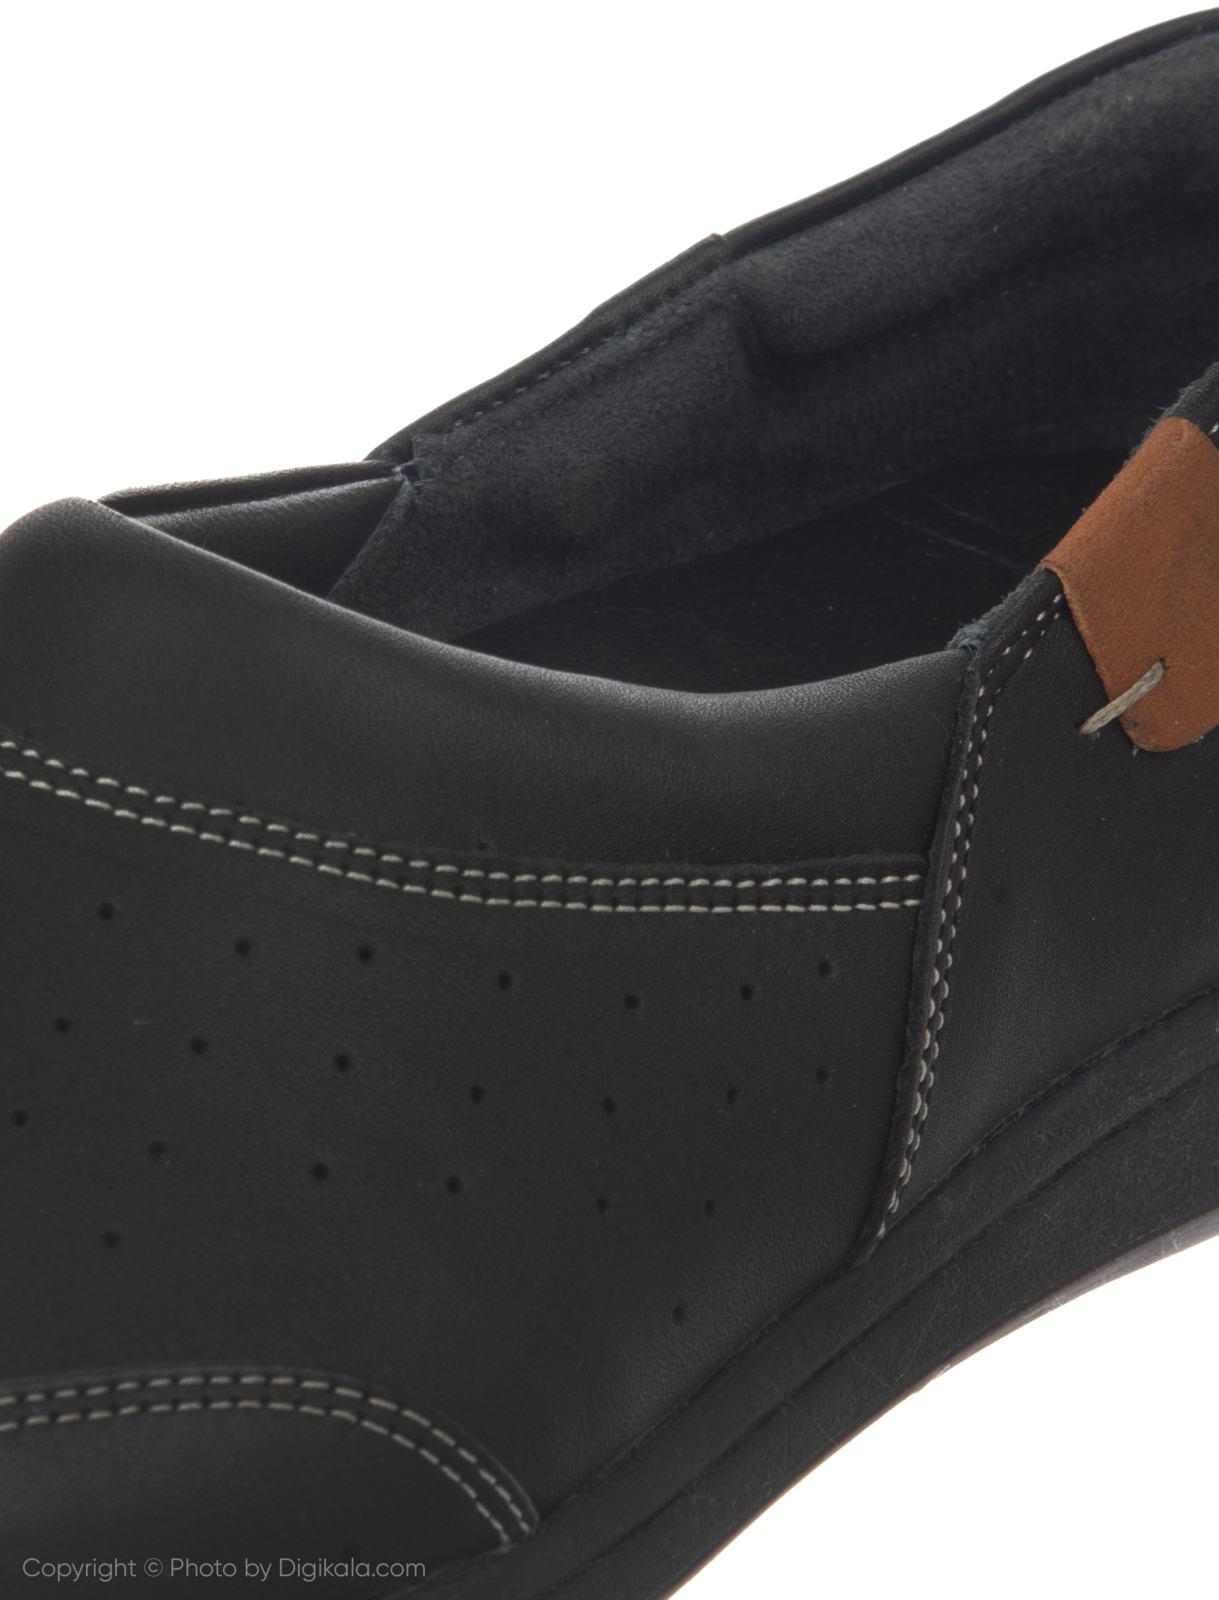 کفش روزمره زنانه شیفر مدل 5181B-101 main 1 6